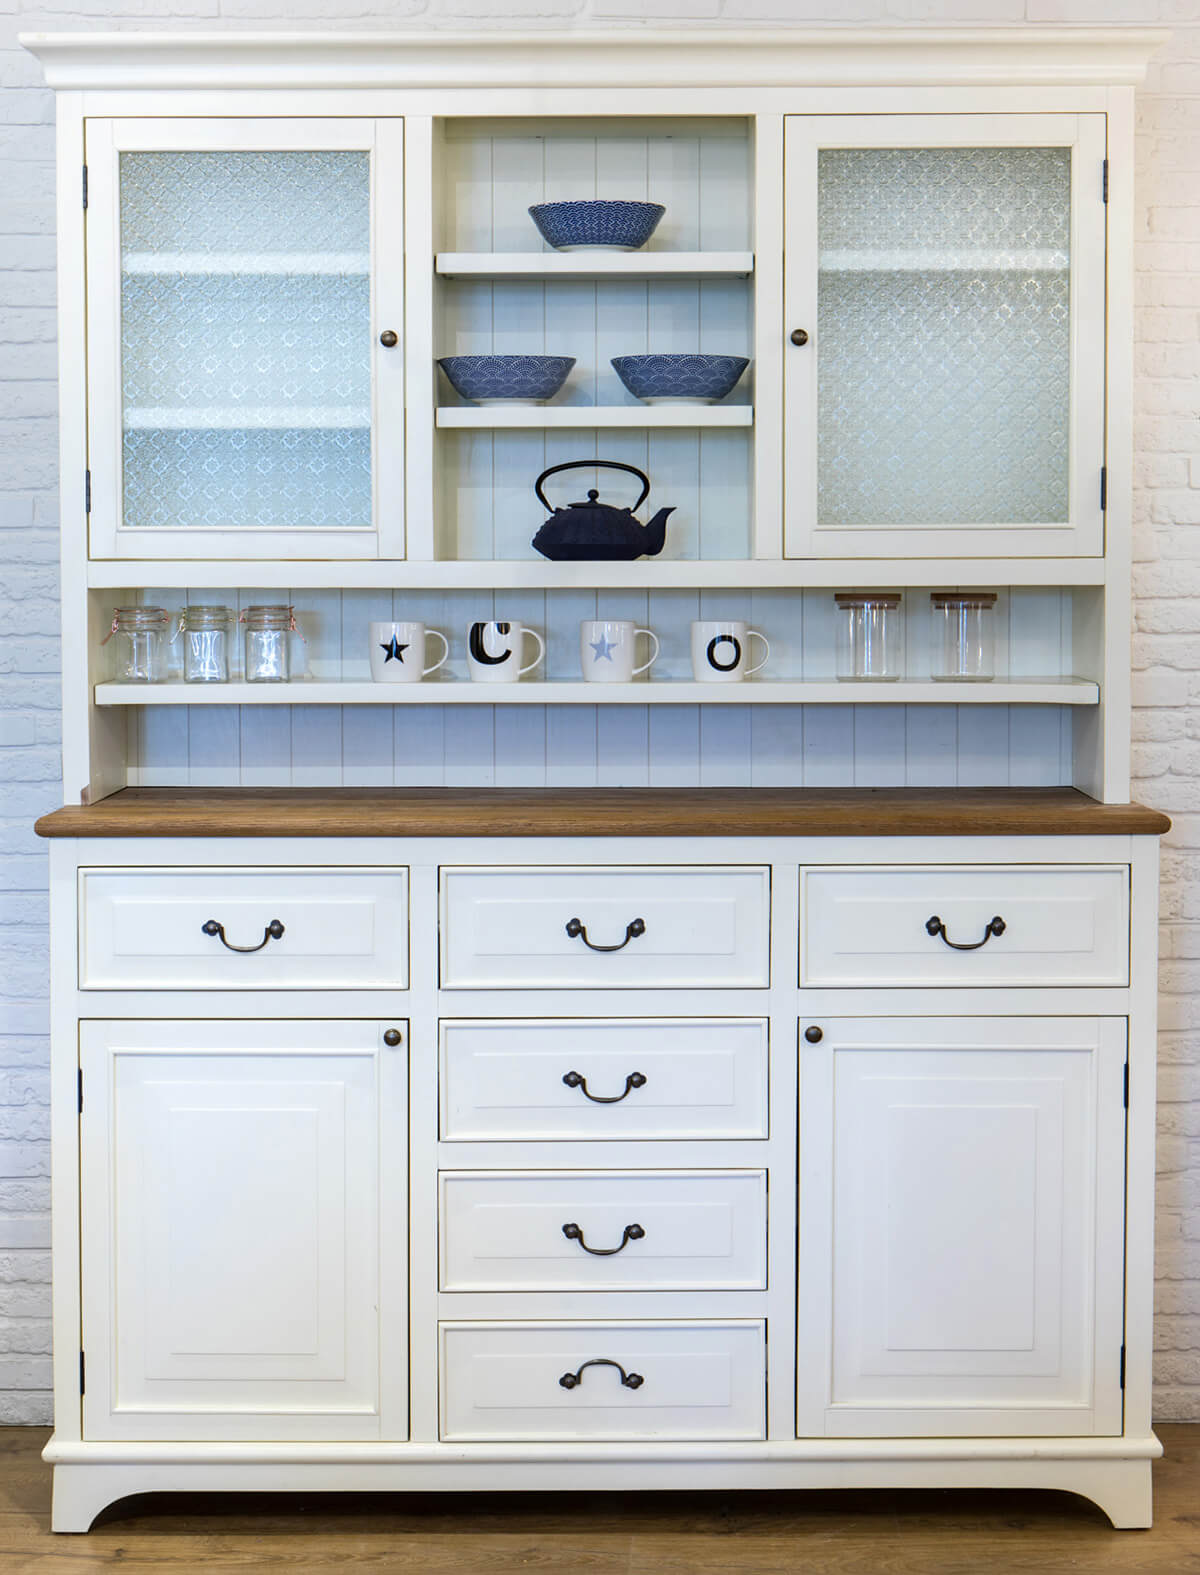 ארון ויטרינה לבן מעץ מלא למטבח